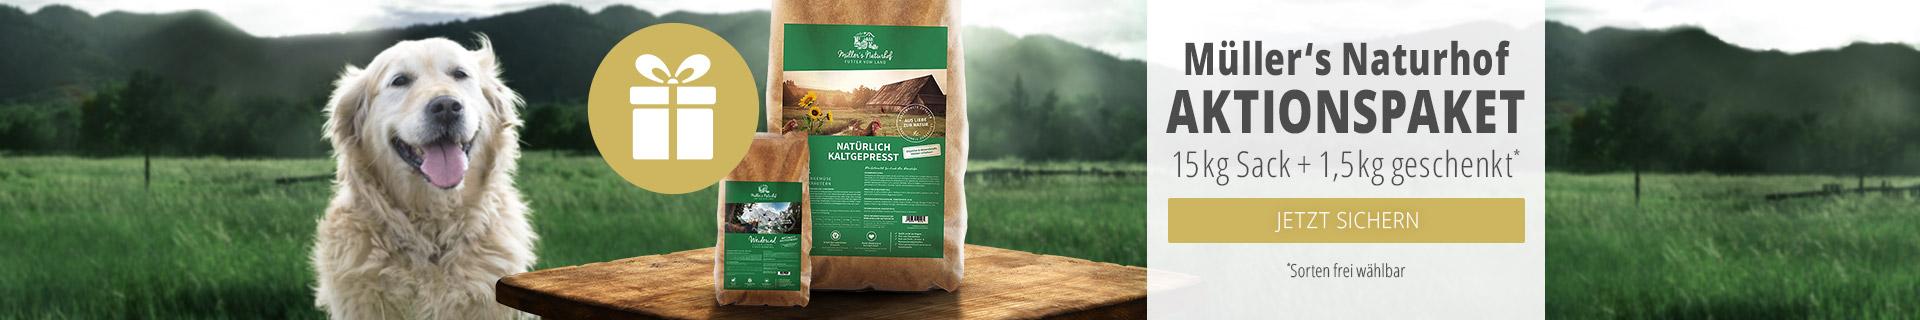 Müller's Naturhof Aktion: 1,5kg Trockenfutter geschenkt